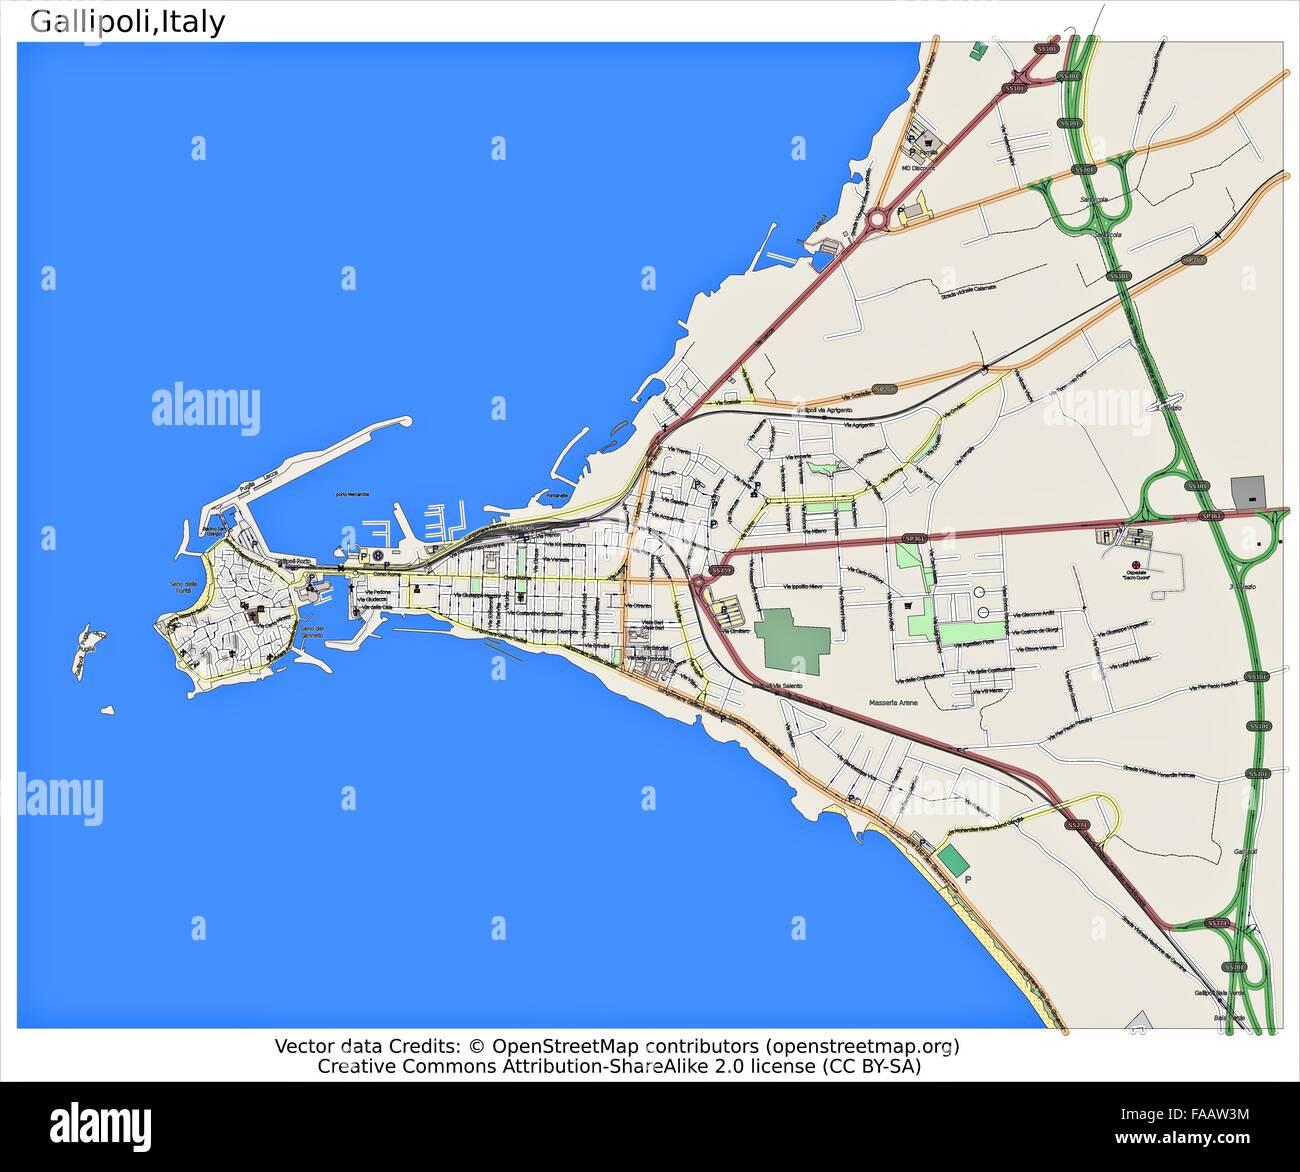 Cartina Geografica Italia Gallipoli.Gallipoli Italia Mappa Della Citta Foto Stock Alamy